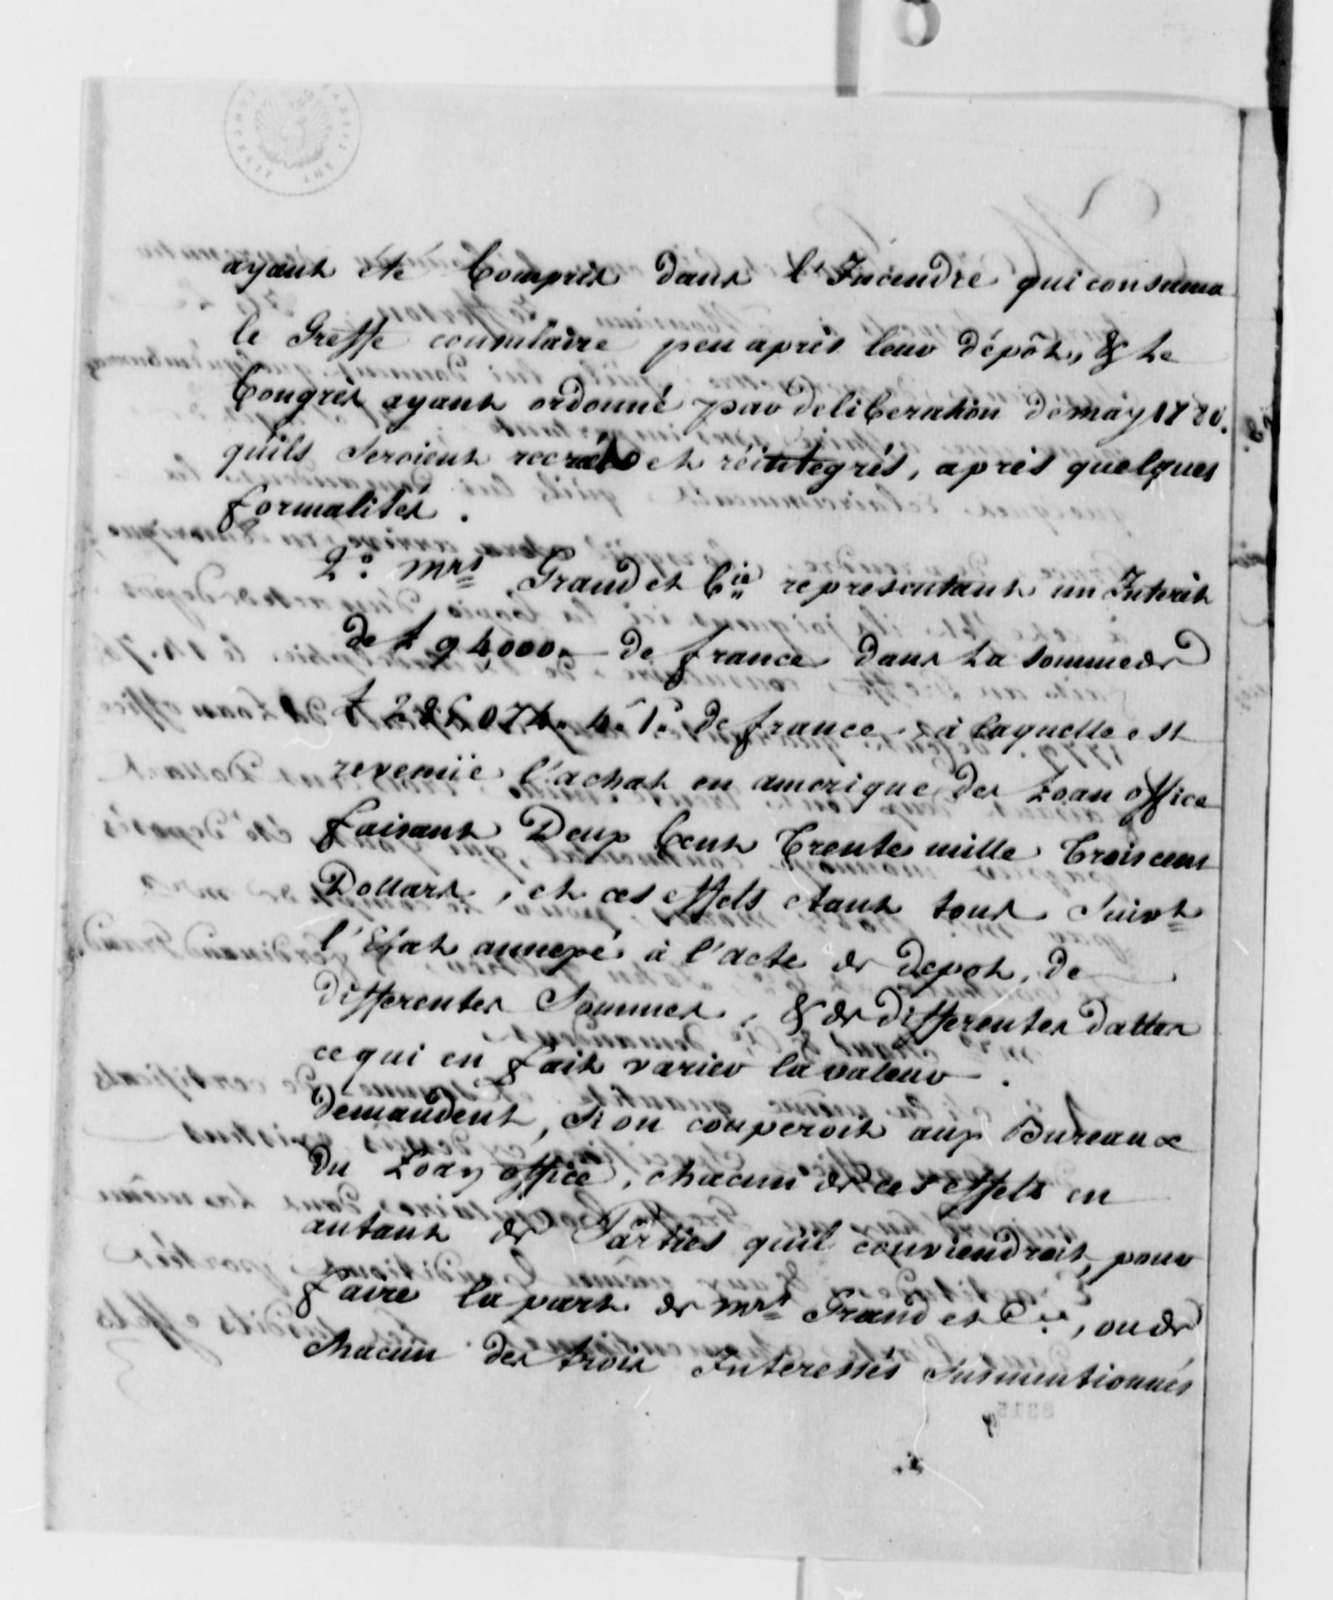 Ferdinand Grand & Company to Thomas Jefferson, May 9, 1789